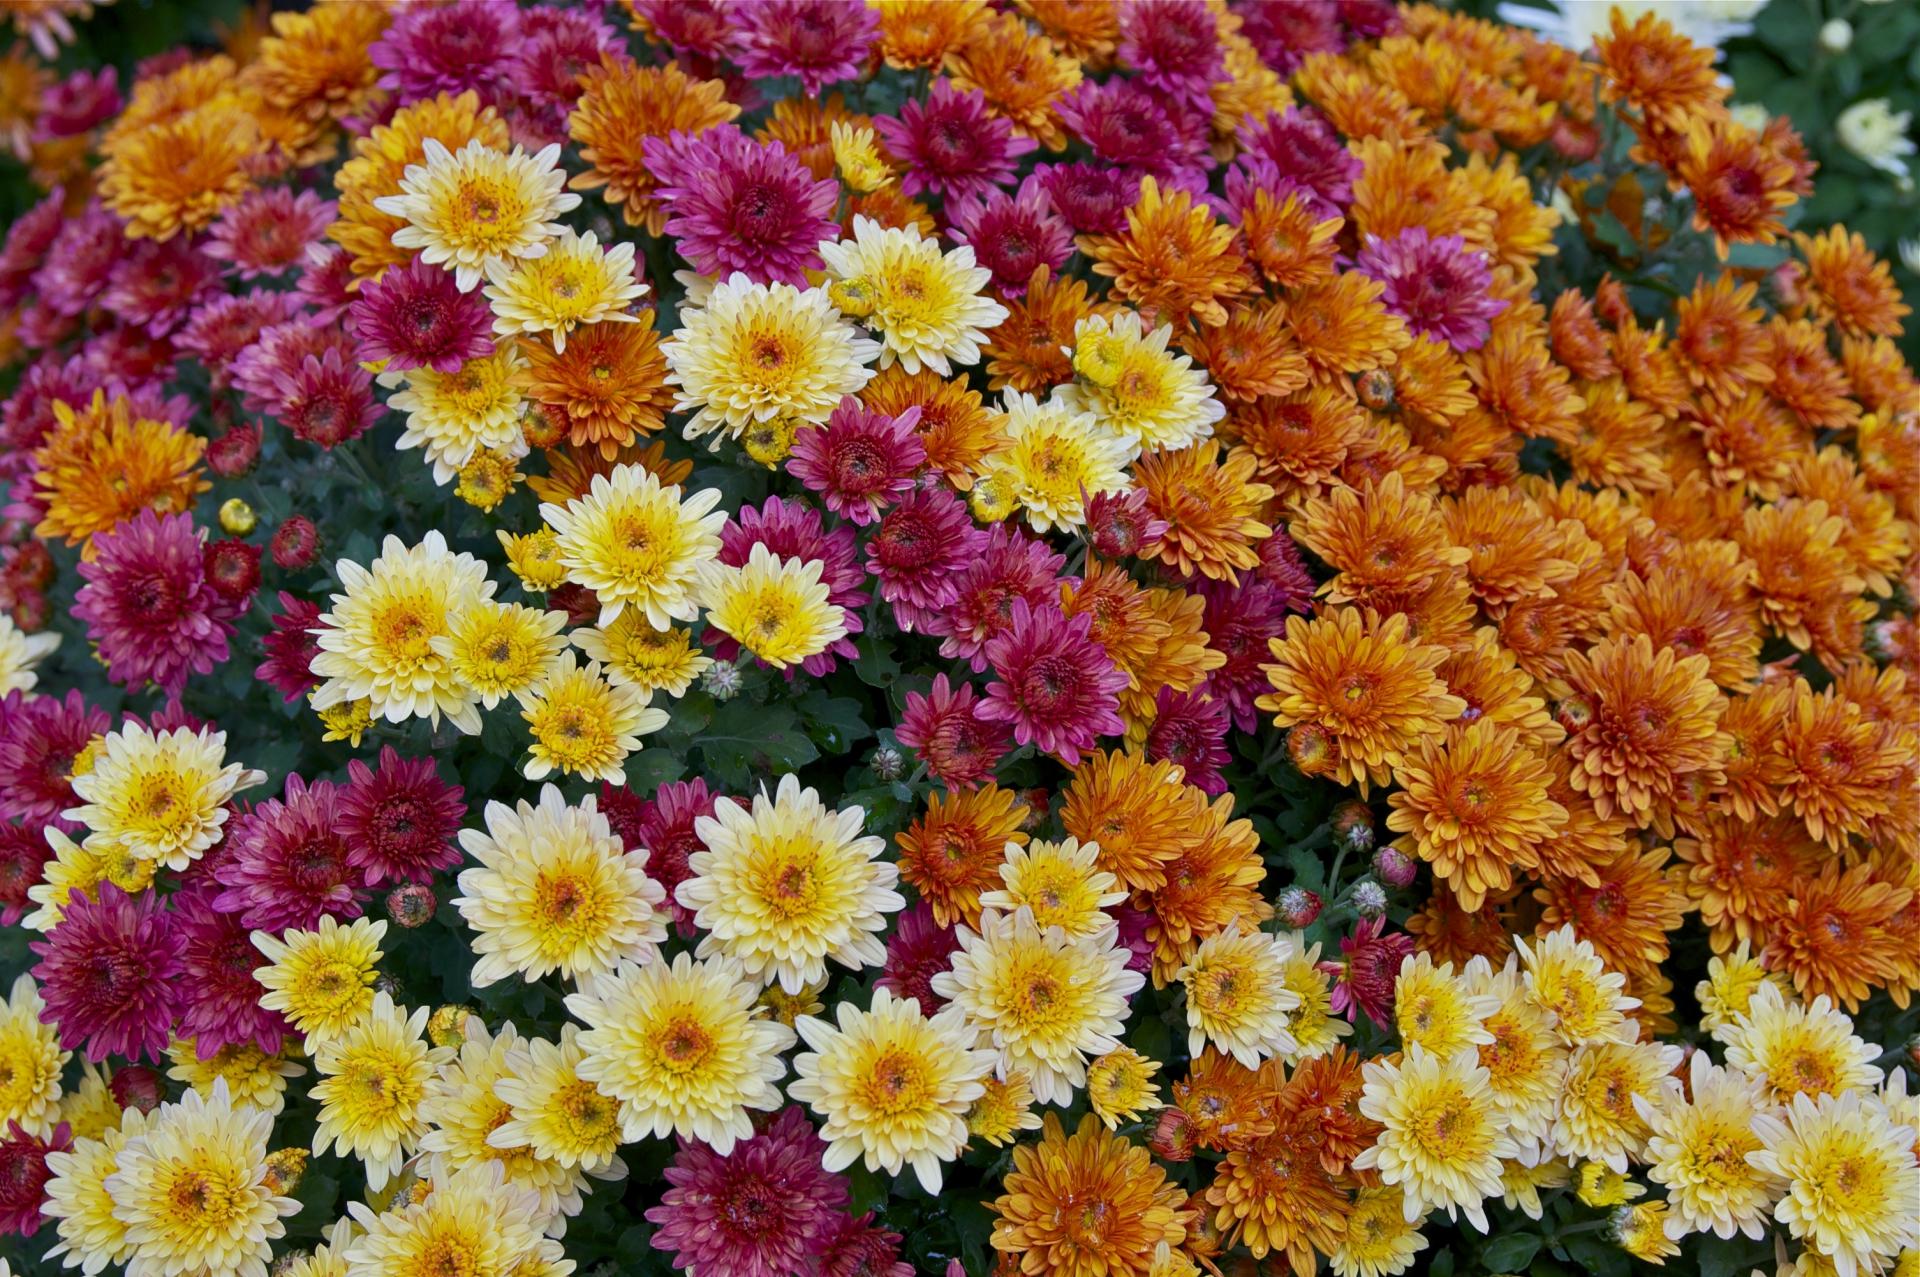 Chrysanthemum-Repel Bugs